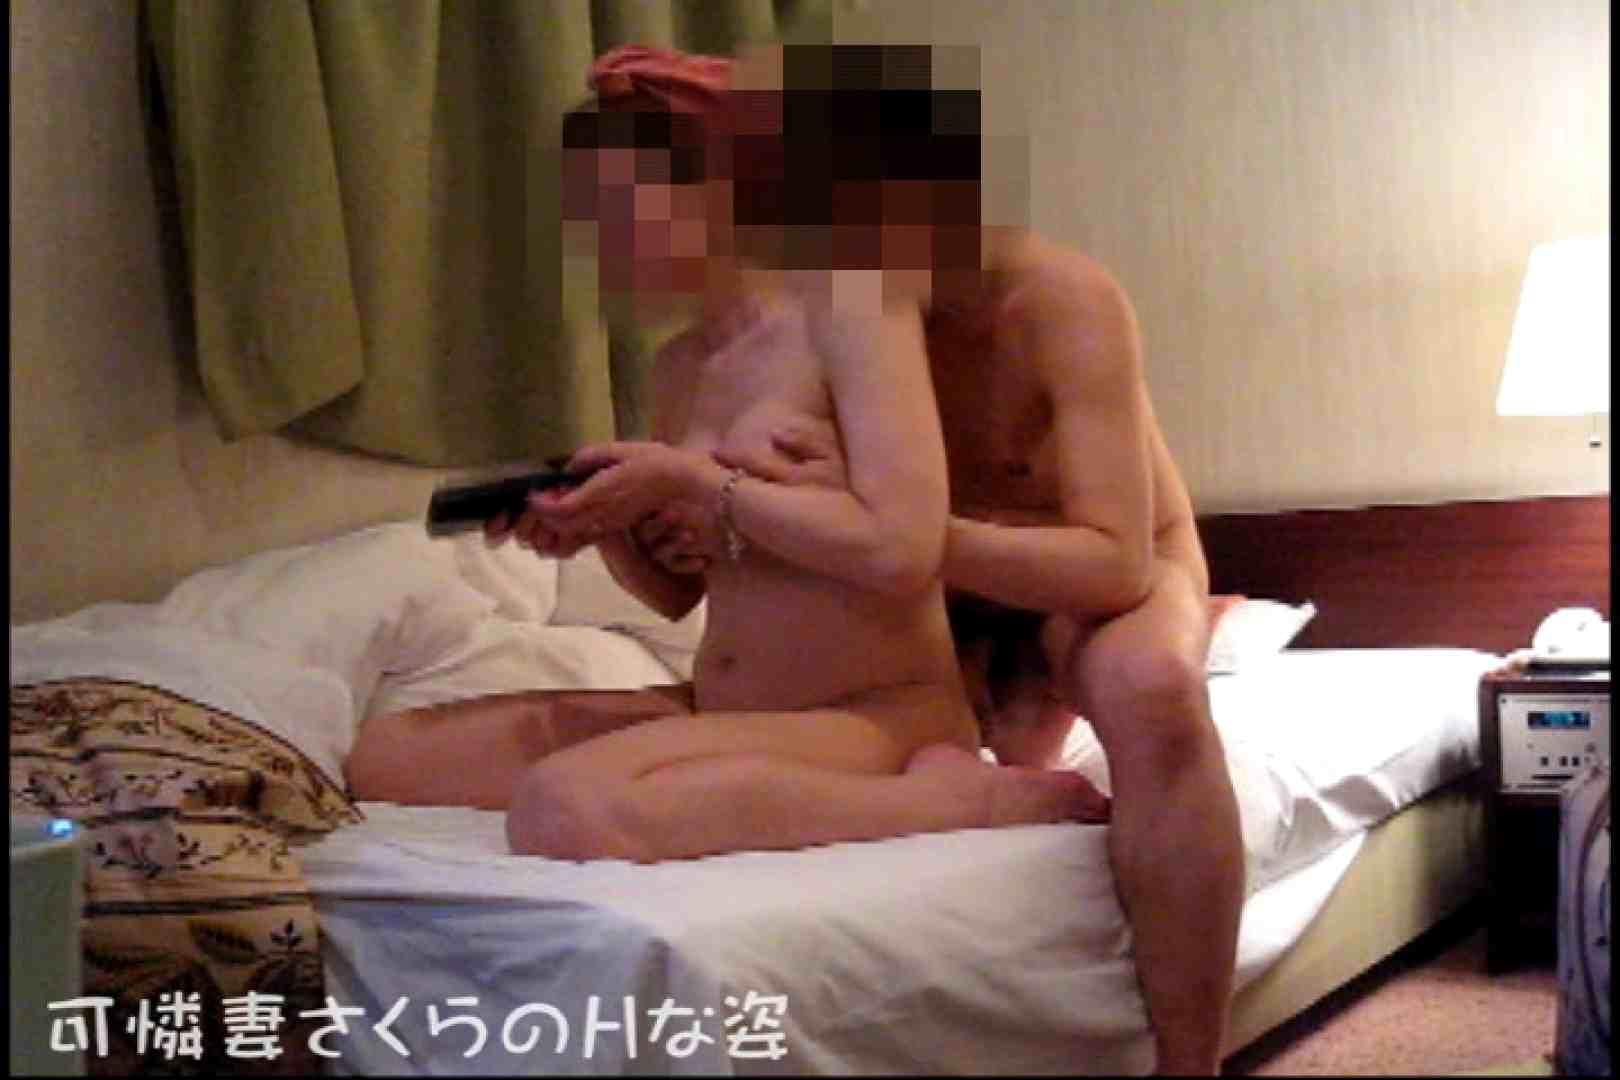 可憐妻さくらのHな姿vol.5前編 美乳 ぱこり動画紹介 65pic 4